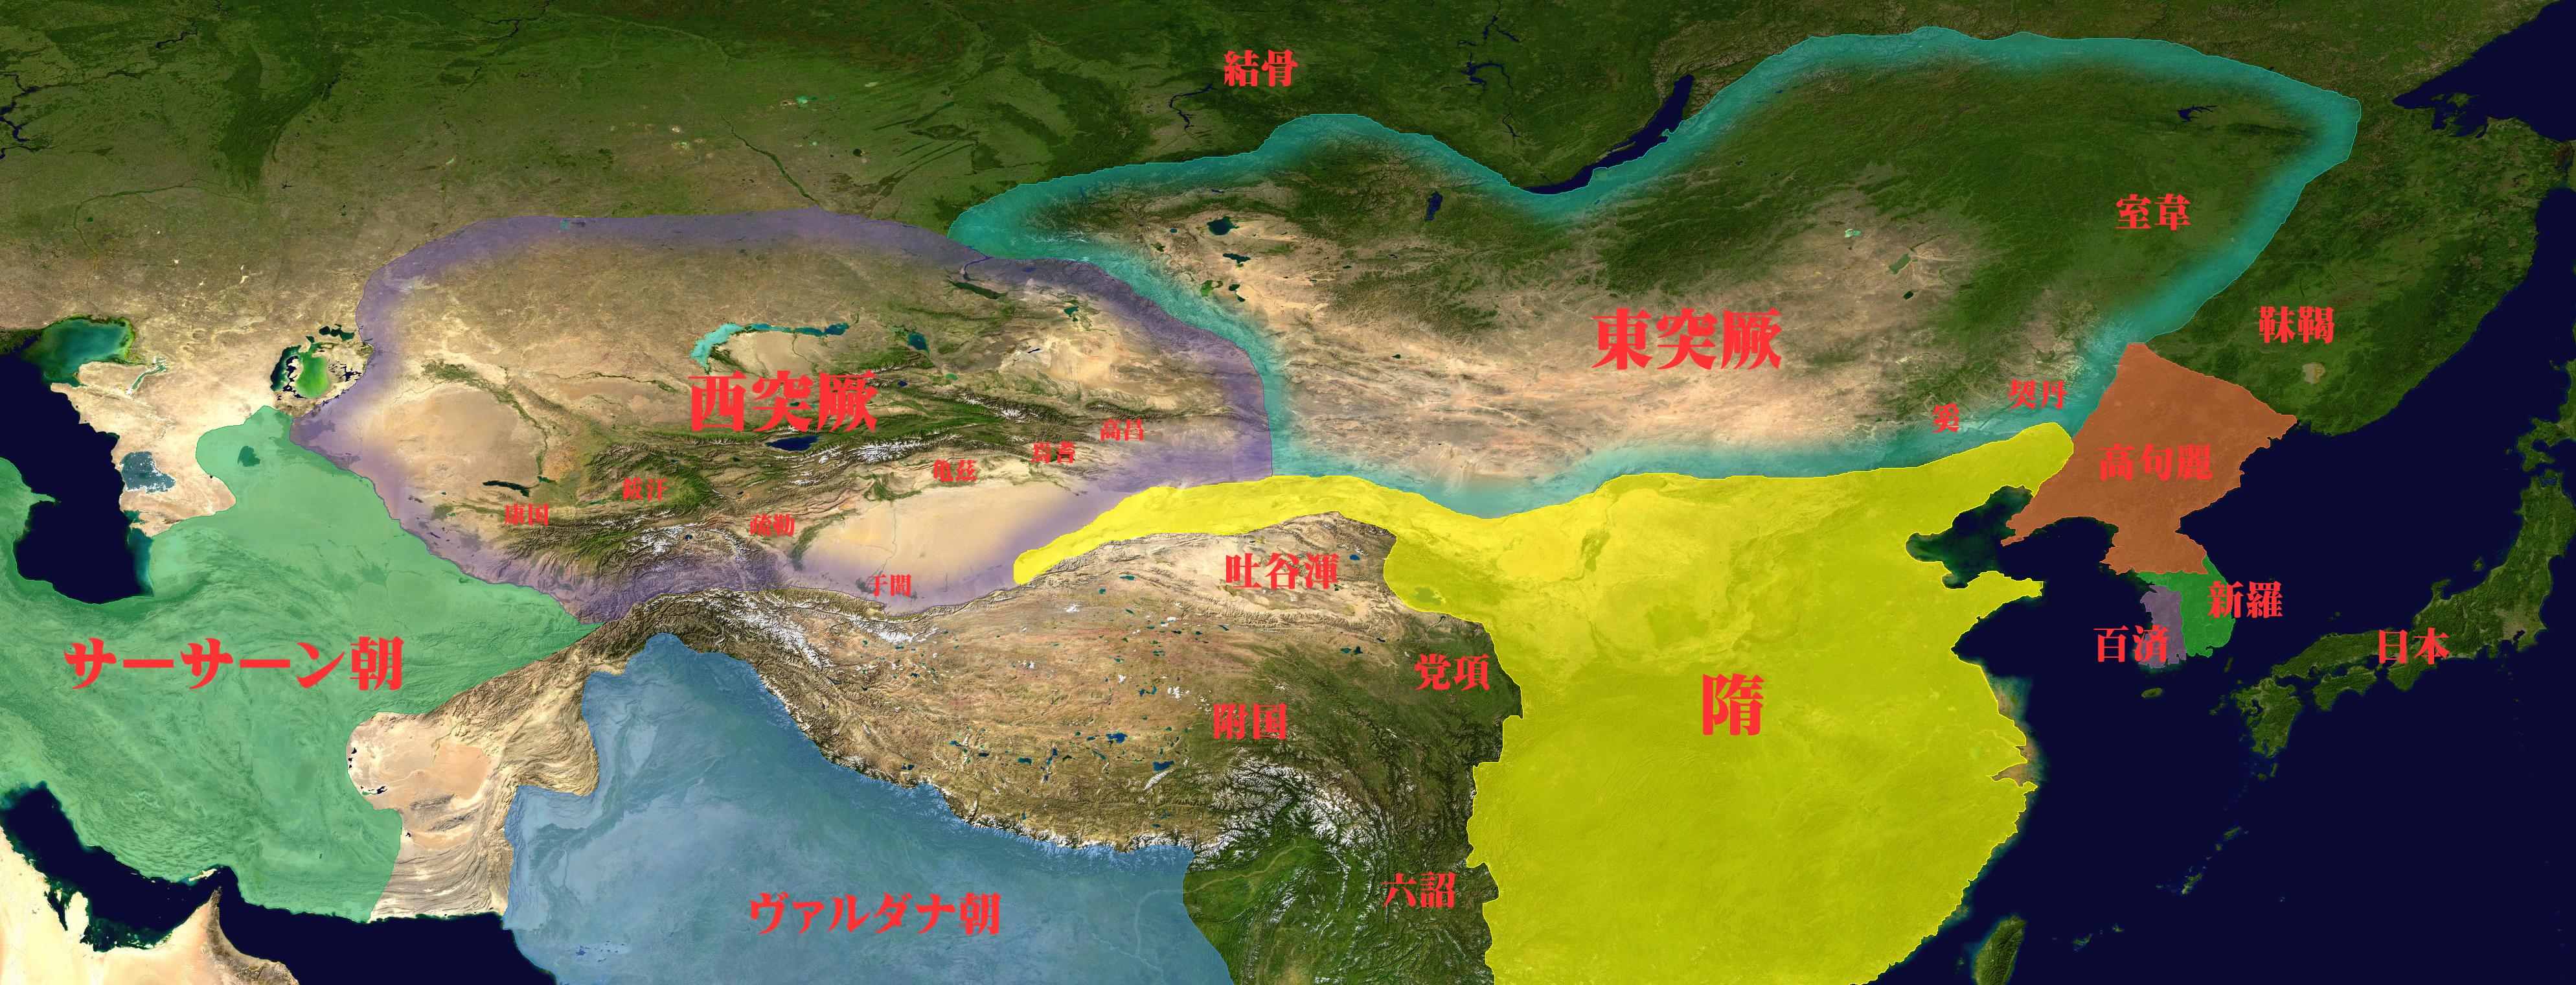 7世紀初めの隋と周辺国